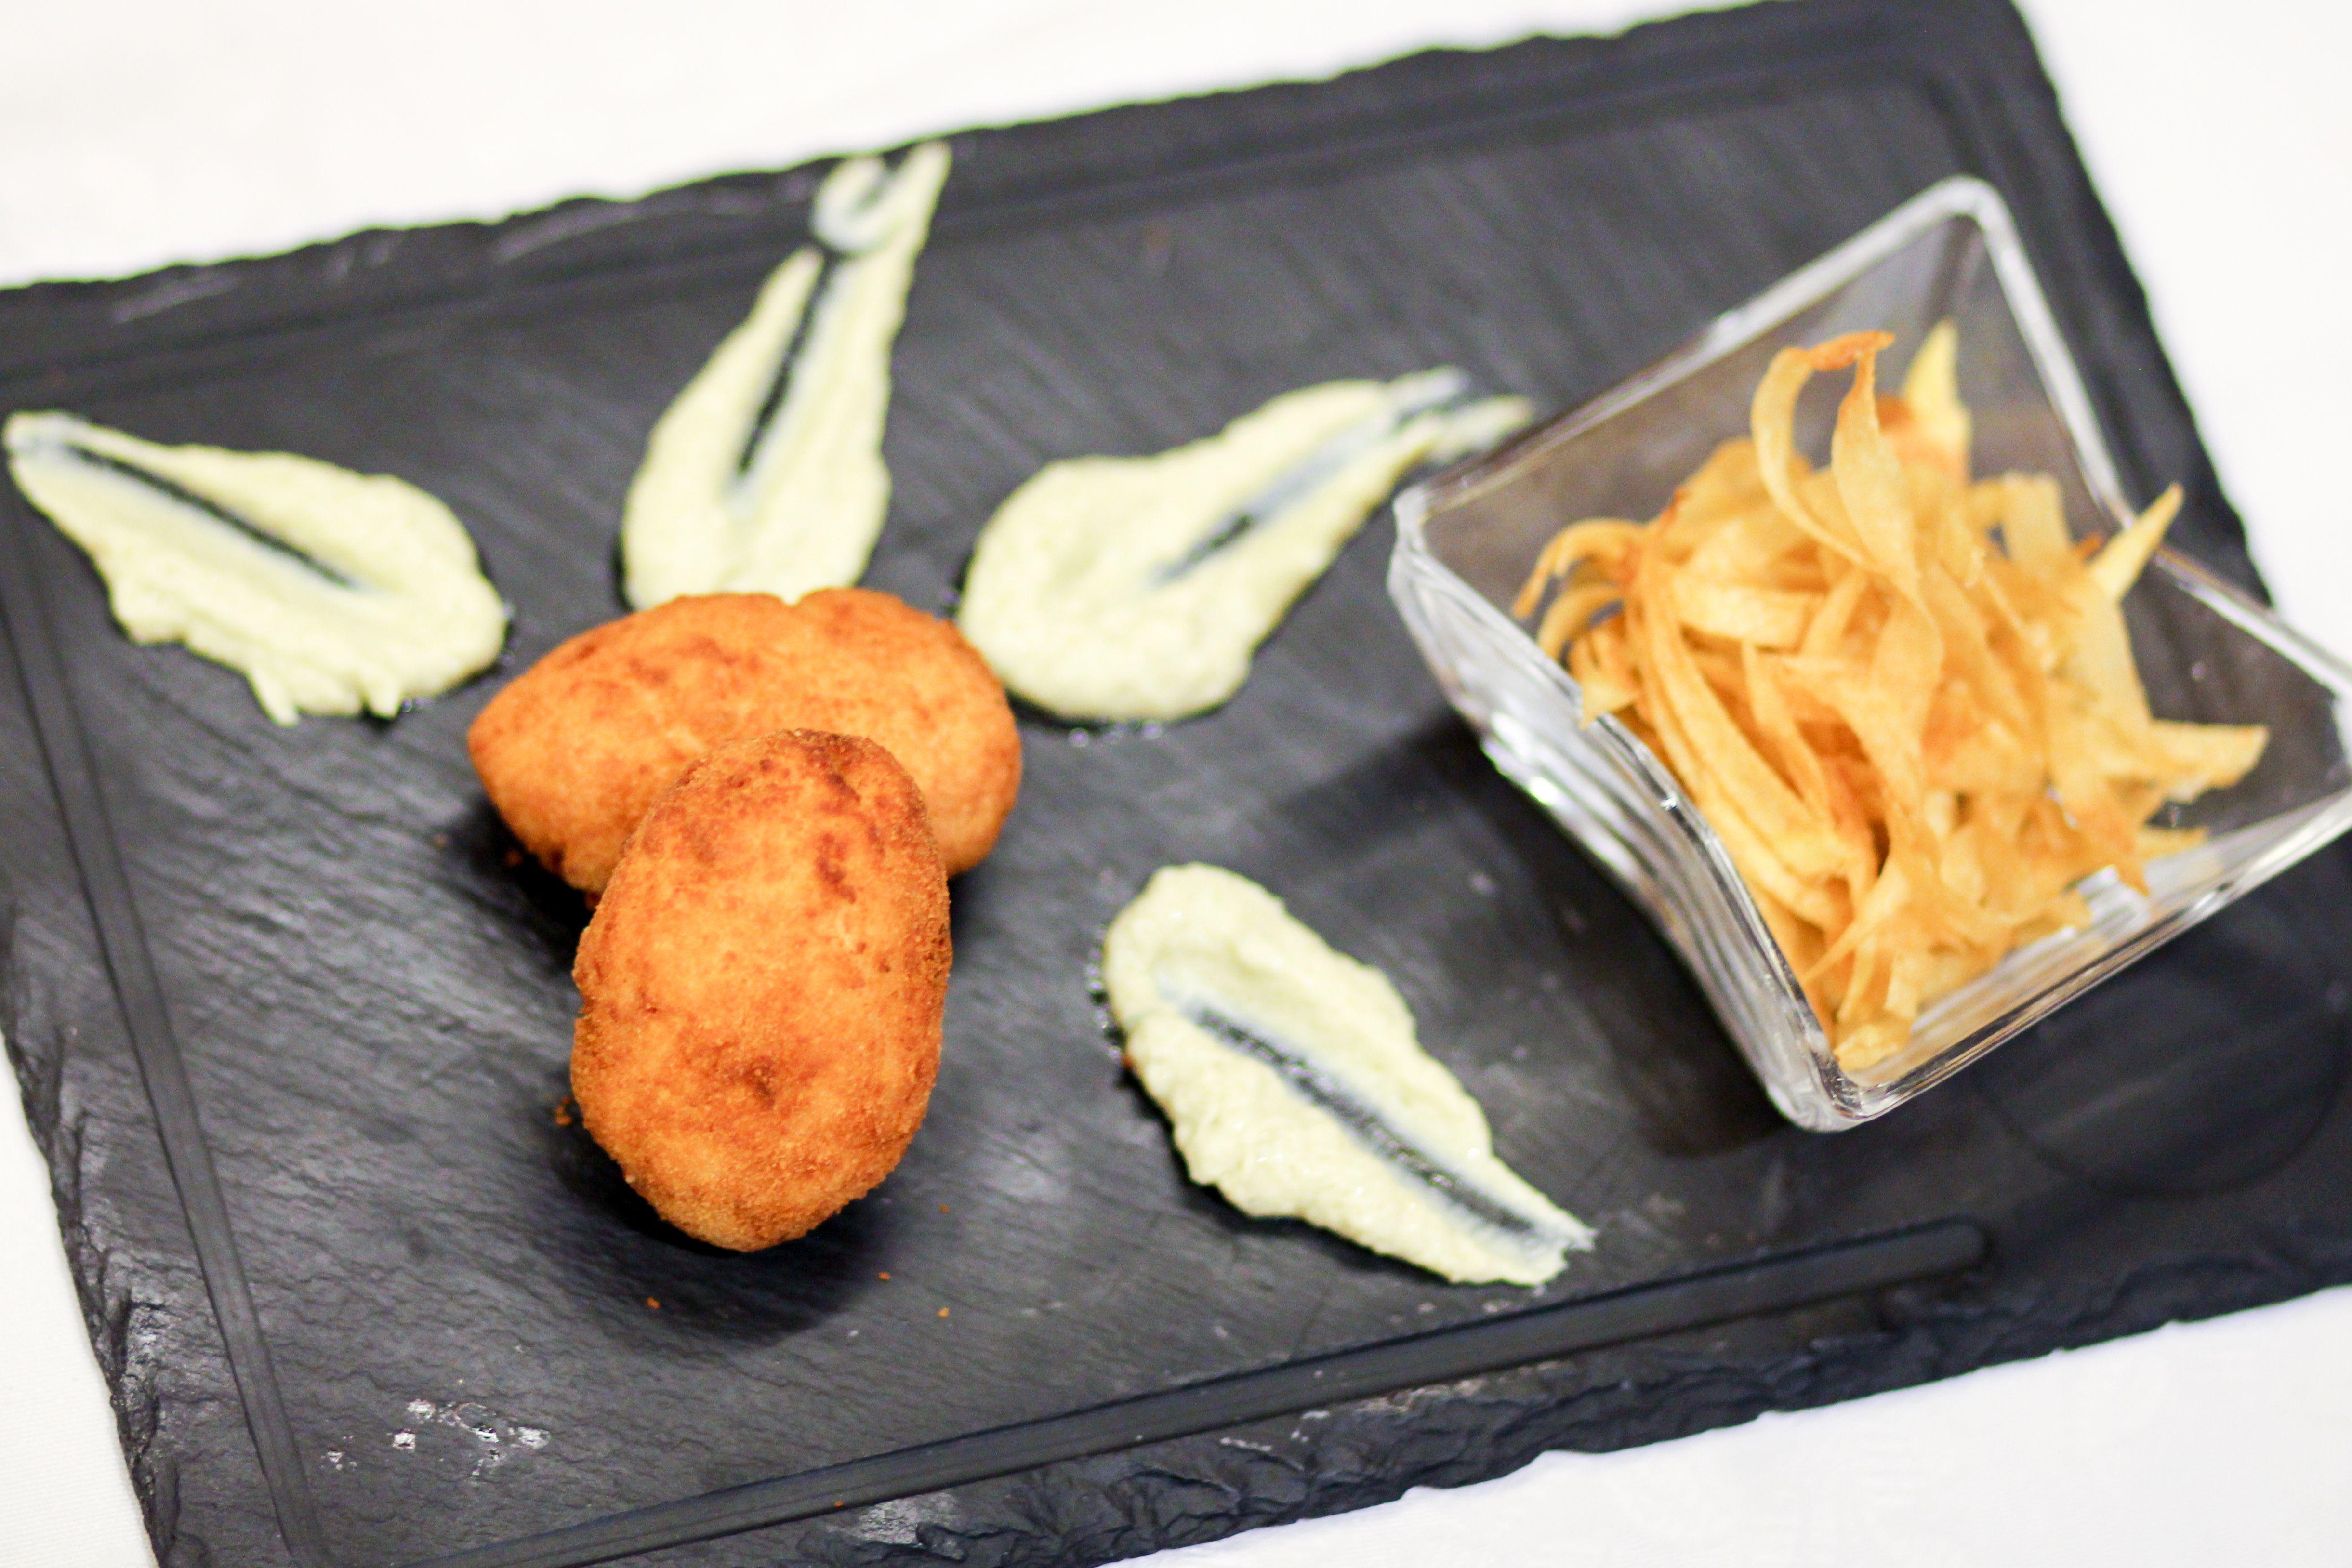 Taberna La Trucha te ofrece una cuidada selección de deliciosas propuestas gastronómicas